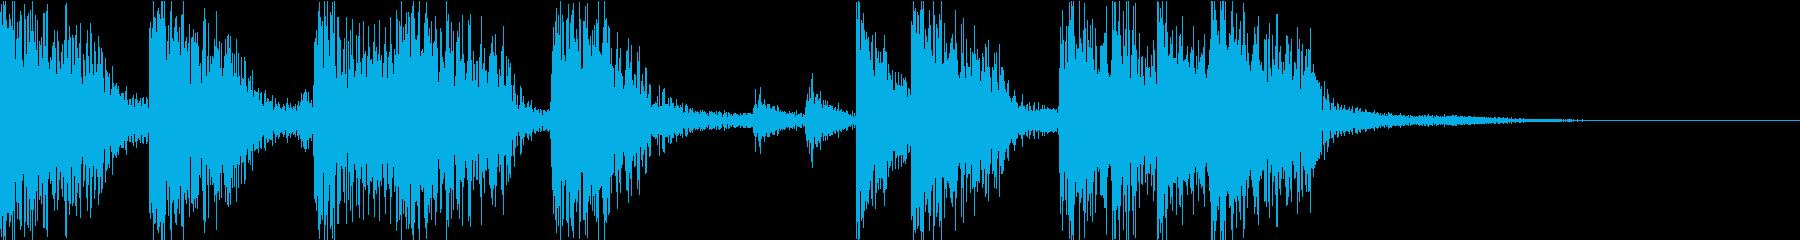 ベースとドラムのコンビネーションジングルの再生済みの波形